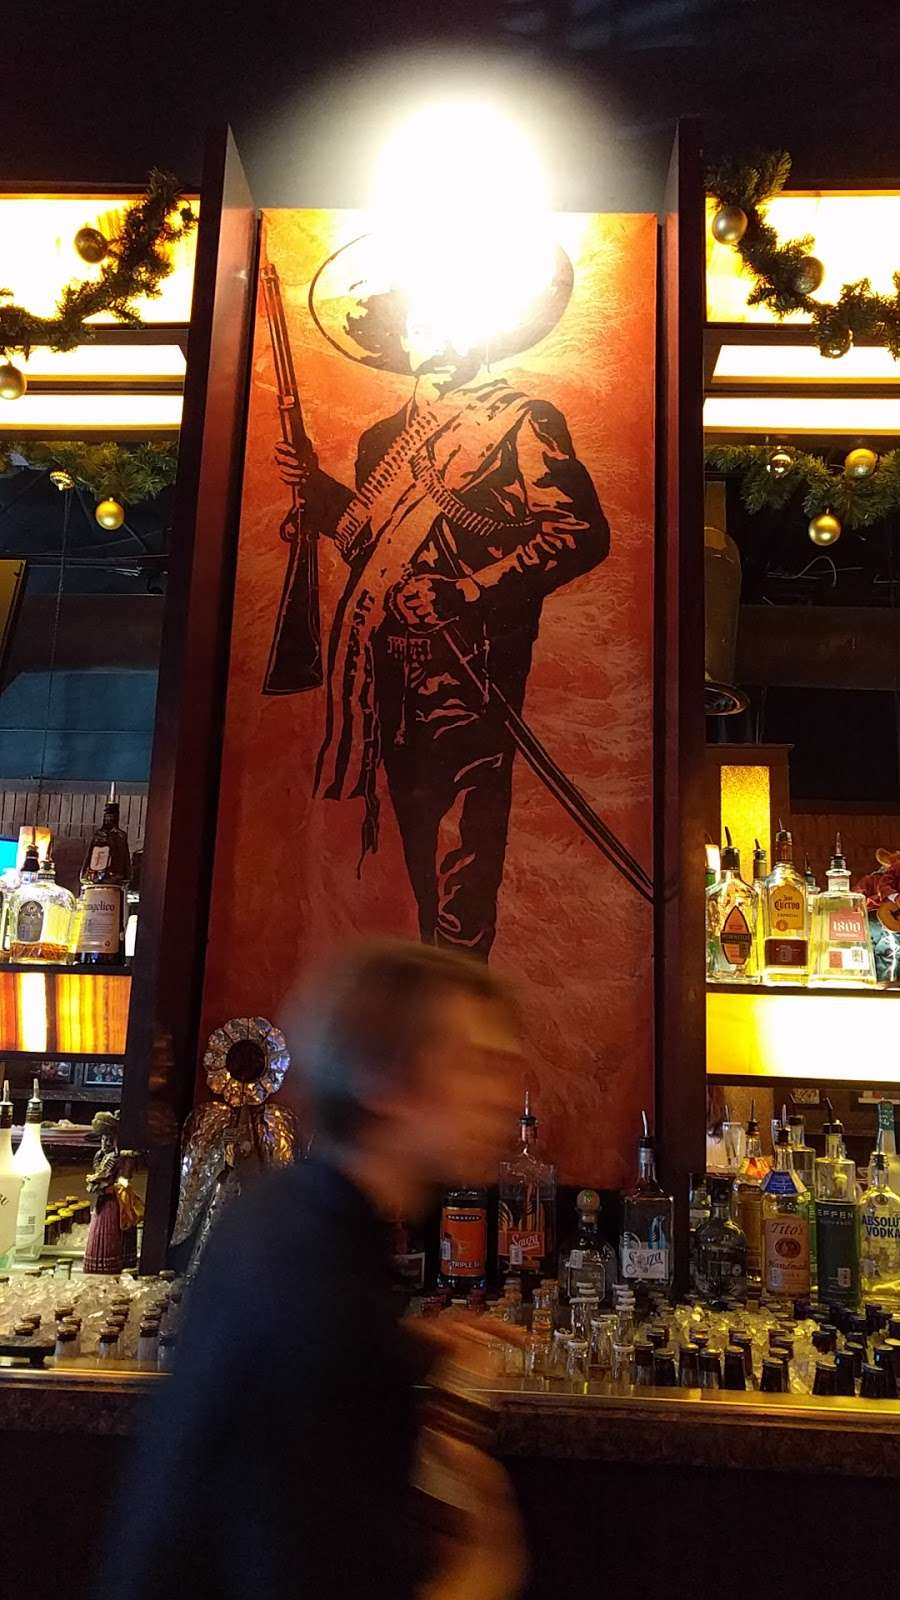 Desperados Mexican Restaurant Dos 3443 W Campbell Rd Garland Tx 75044 Usa